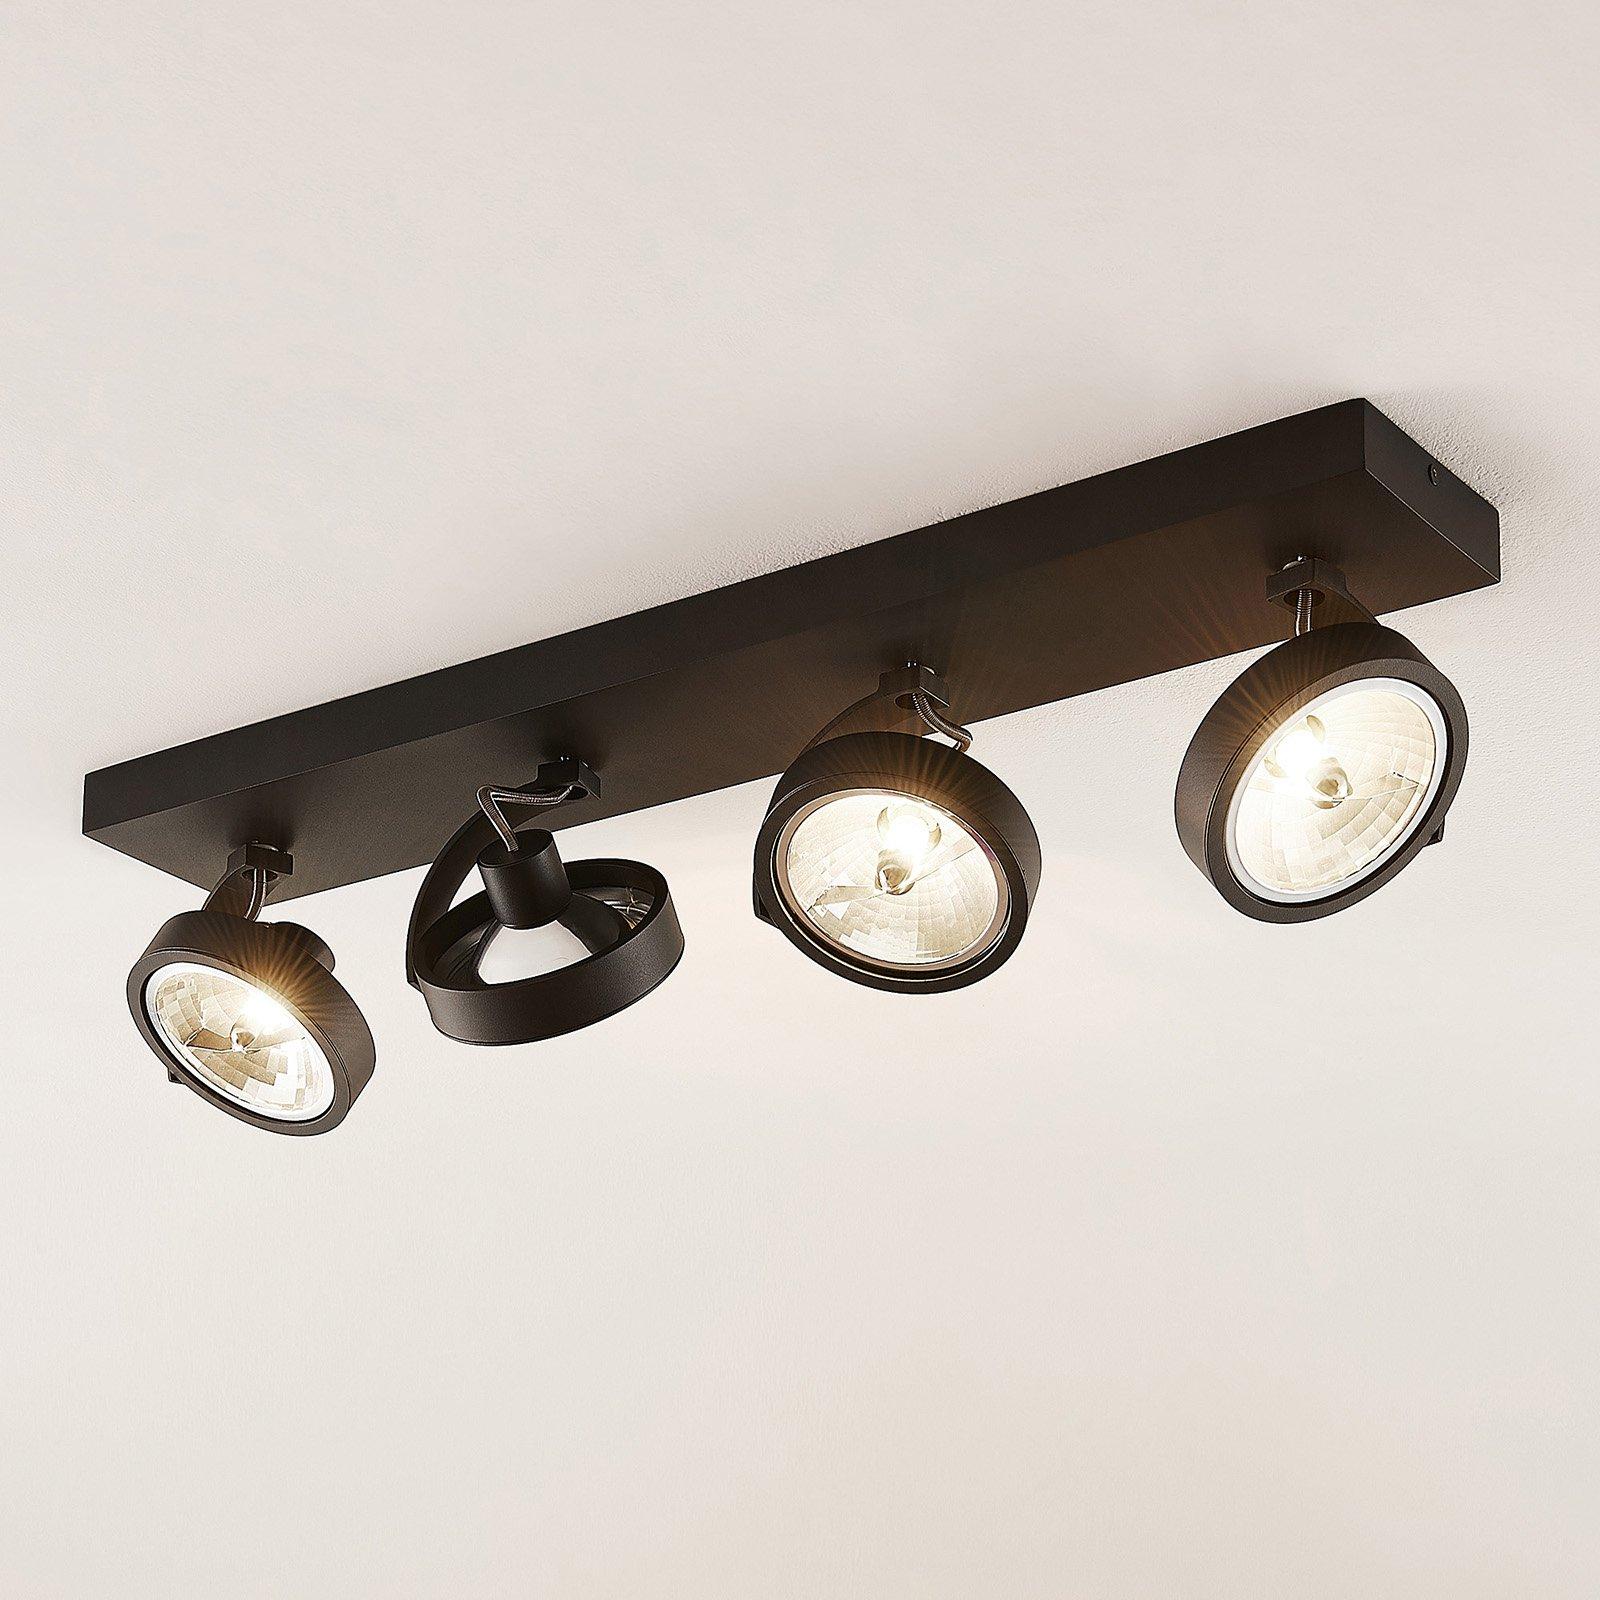 Arcchio Dagur-taklampe, 4 lyskilder, svart